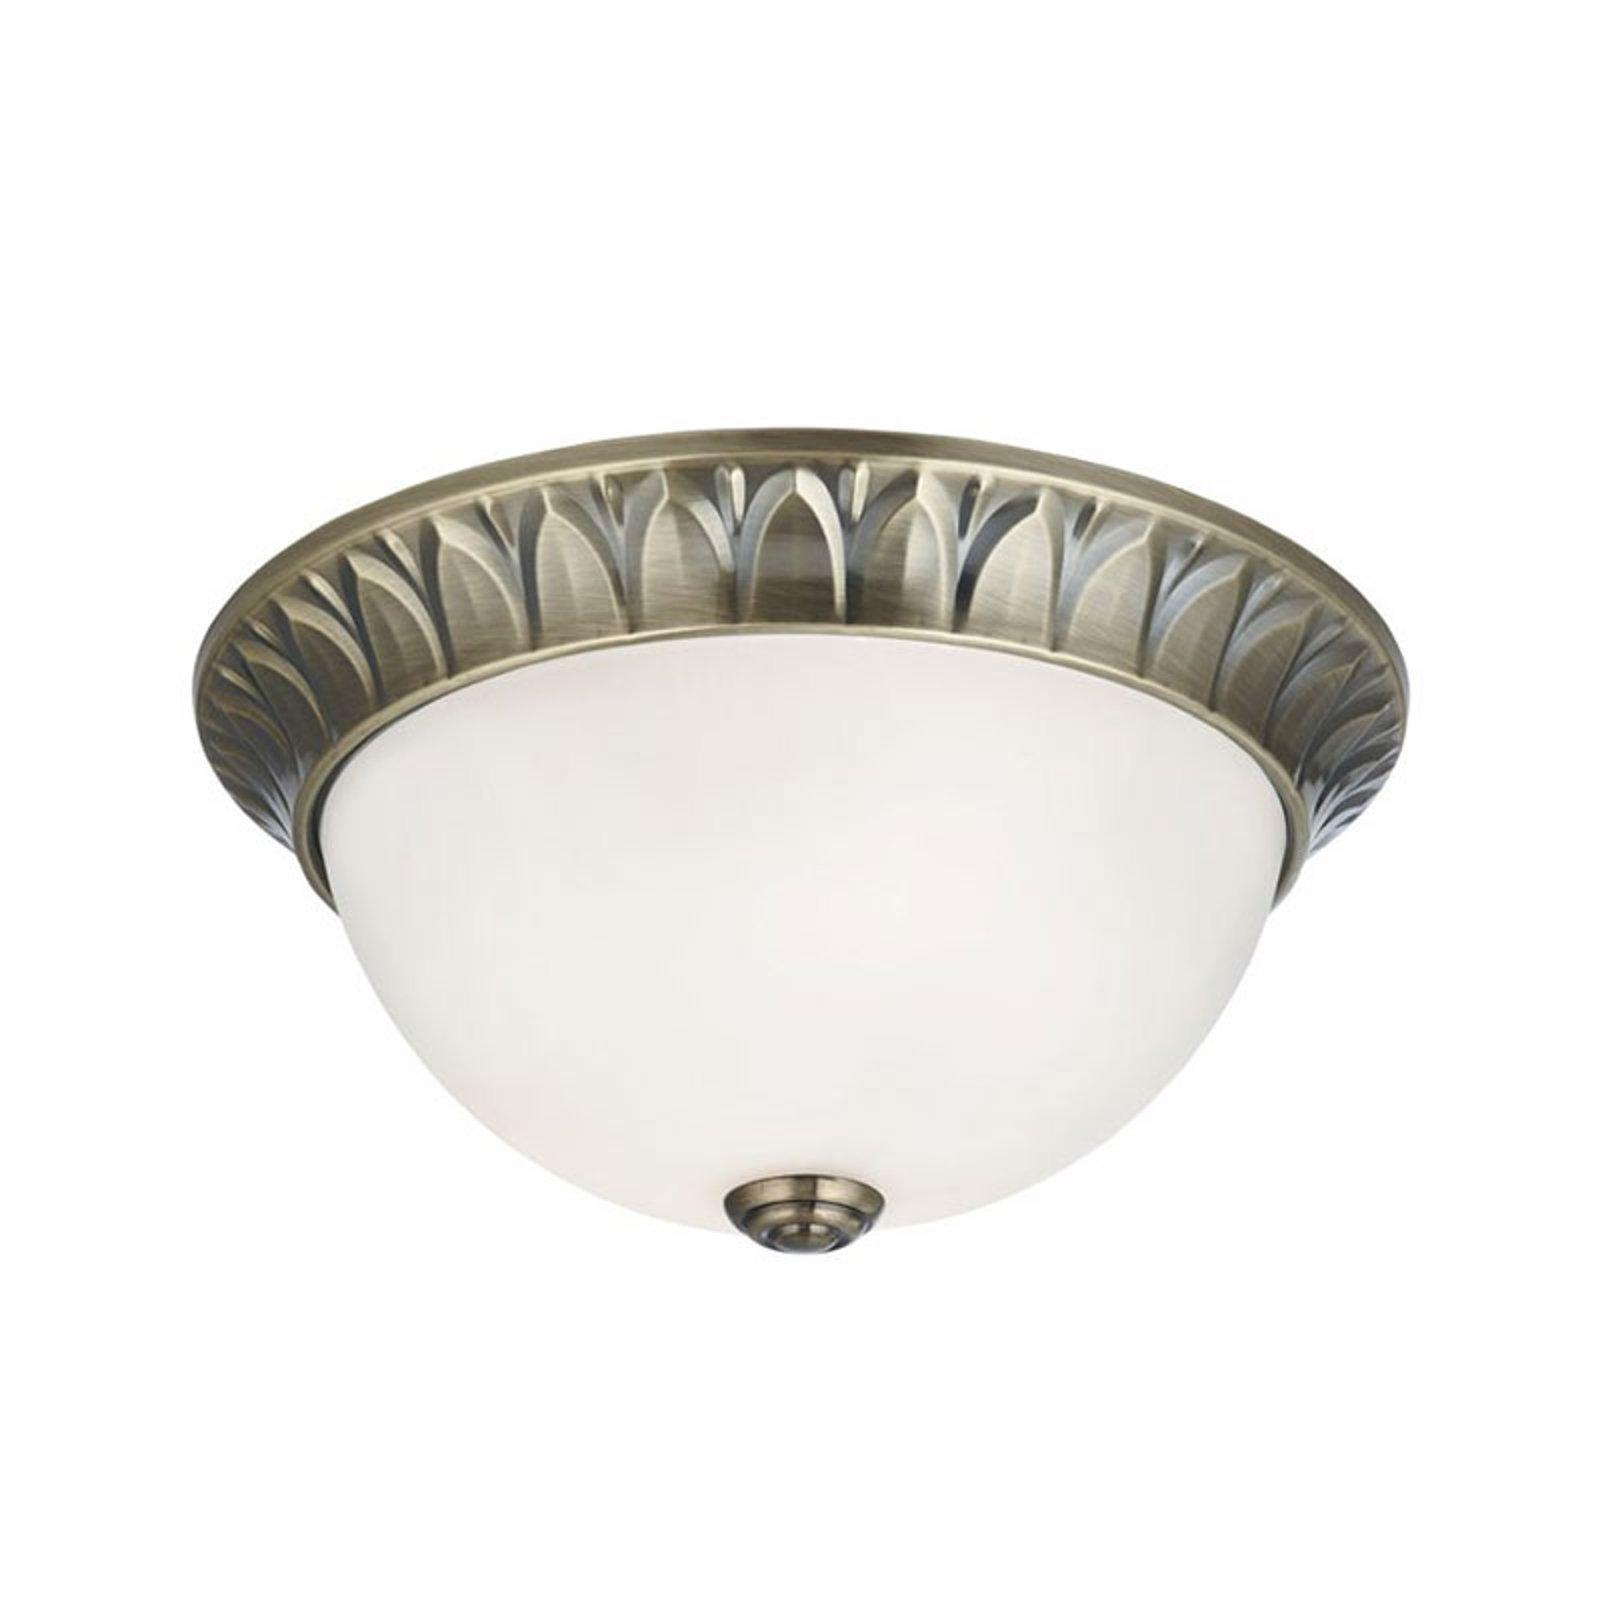 Glass-taklampe Flush messing antikk, Ø 28 cm